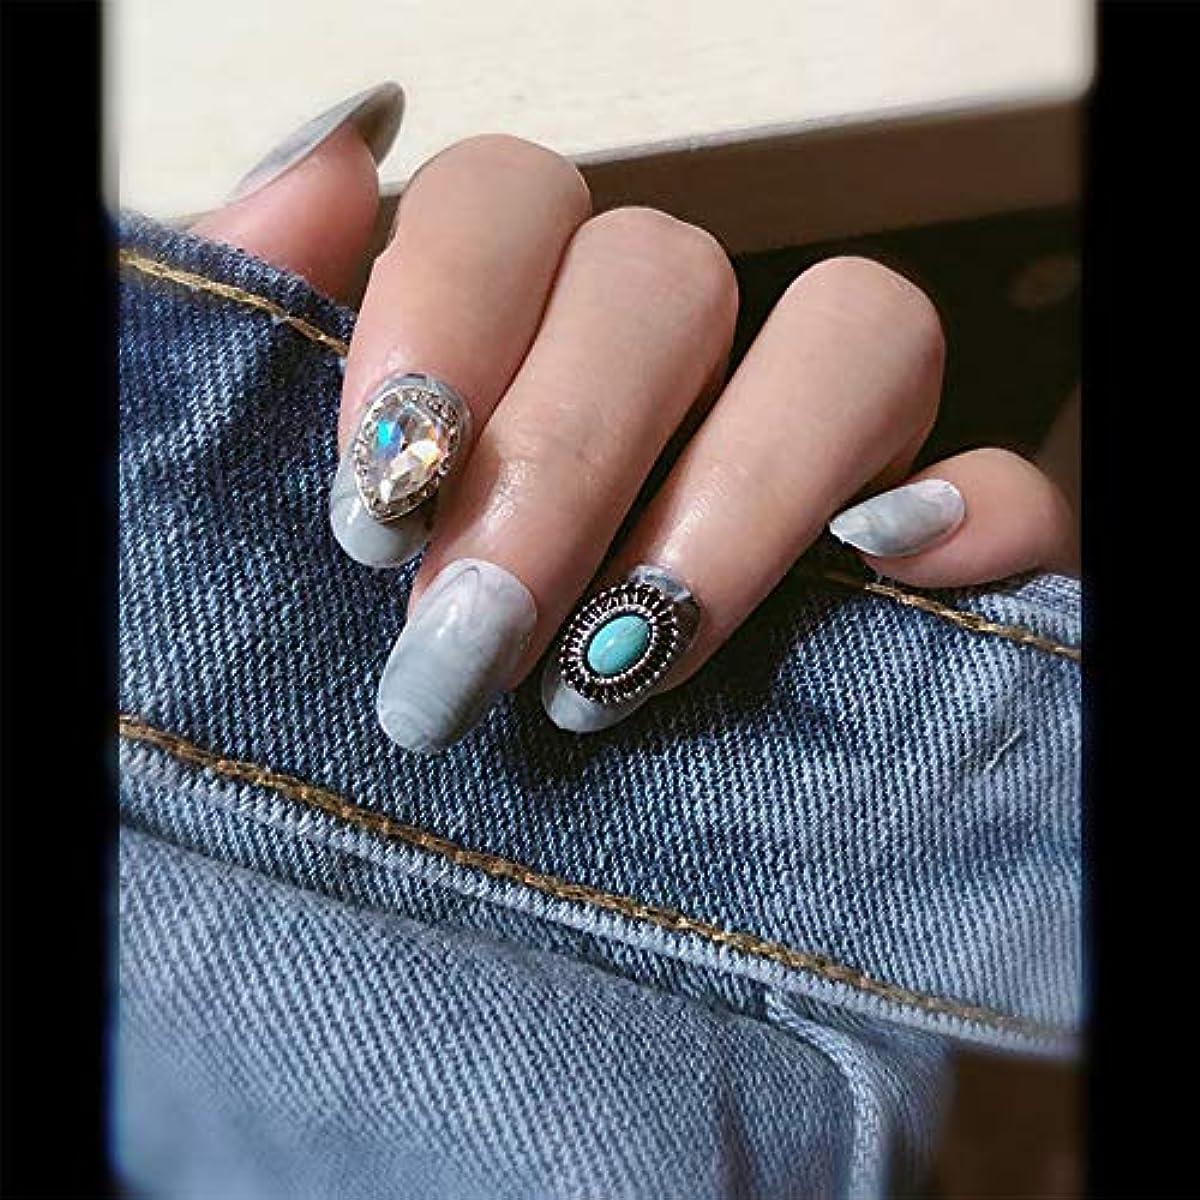 乳剤高い乏しいXUTXZKA 偽の爪を持つ丸い大理石のパターン女性の完全な爪のヒント花嫁の偽の爪